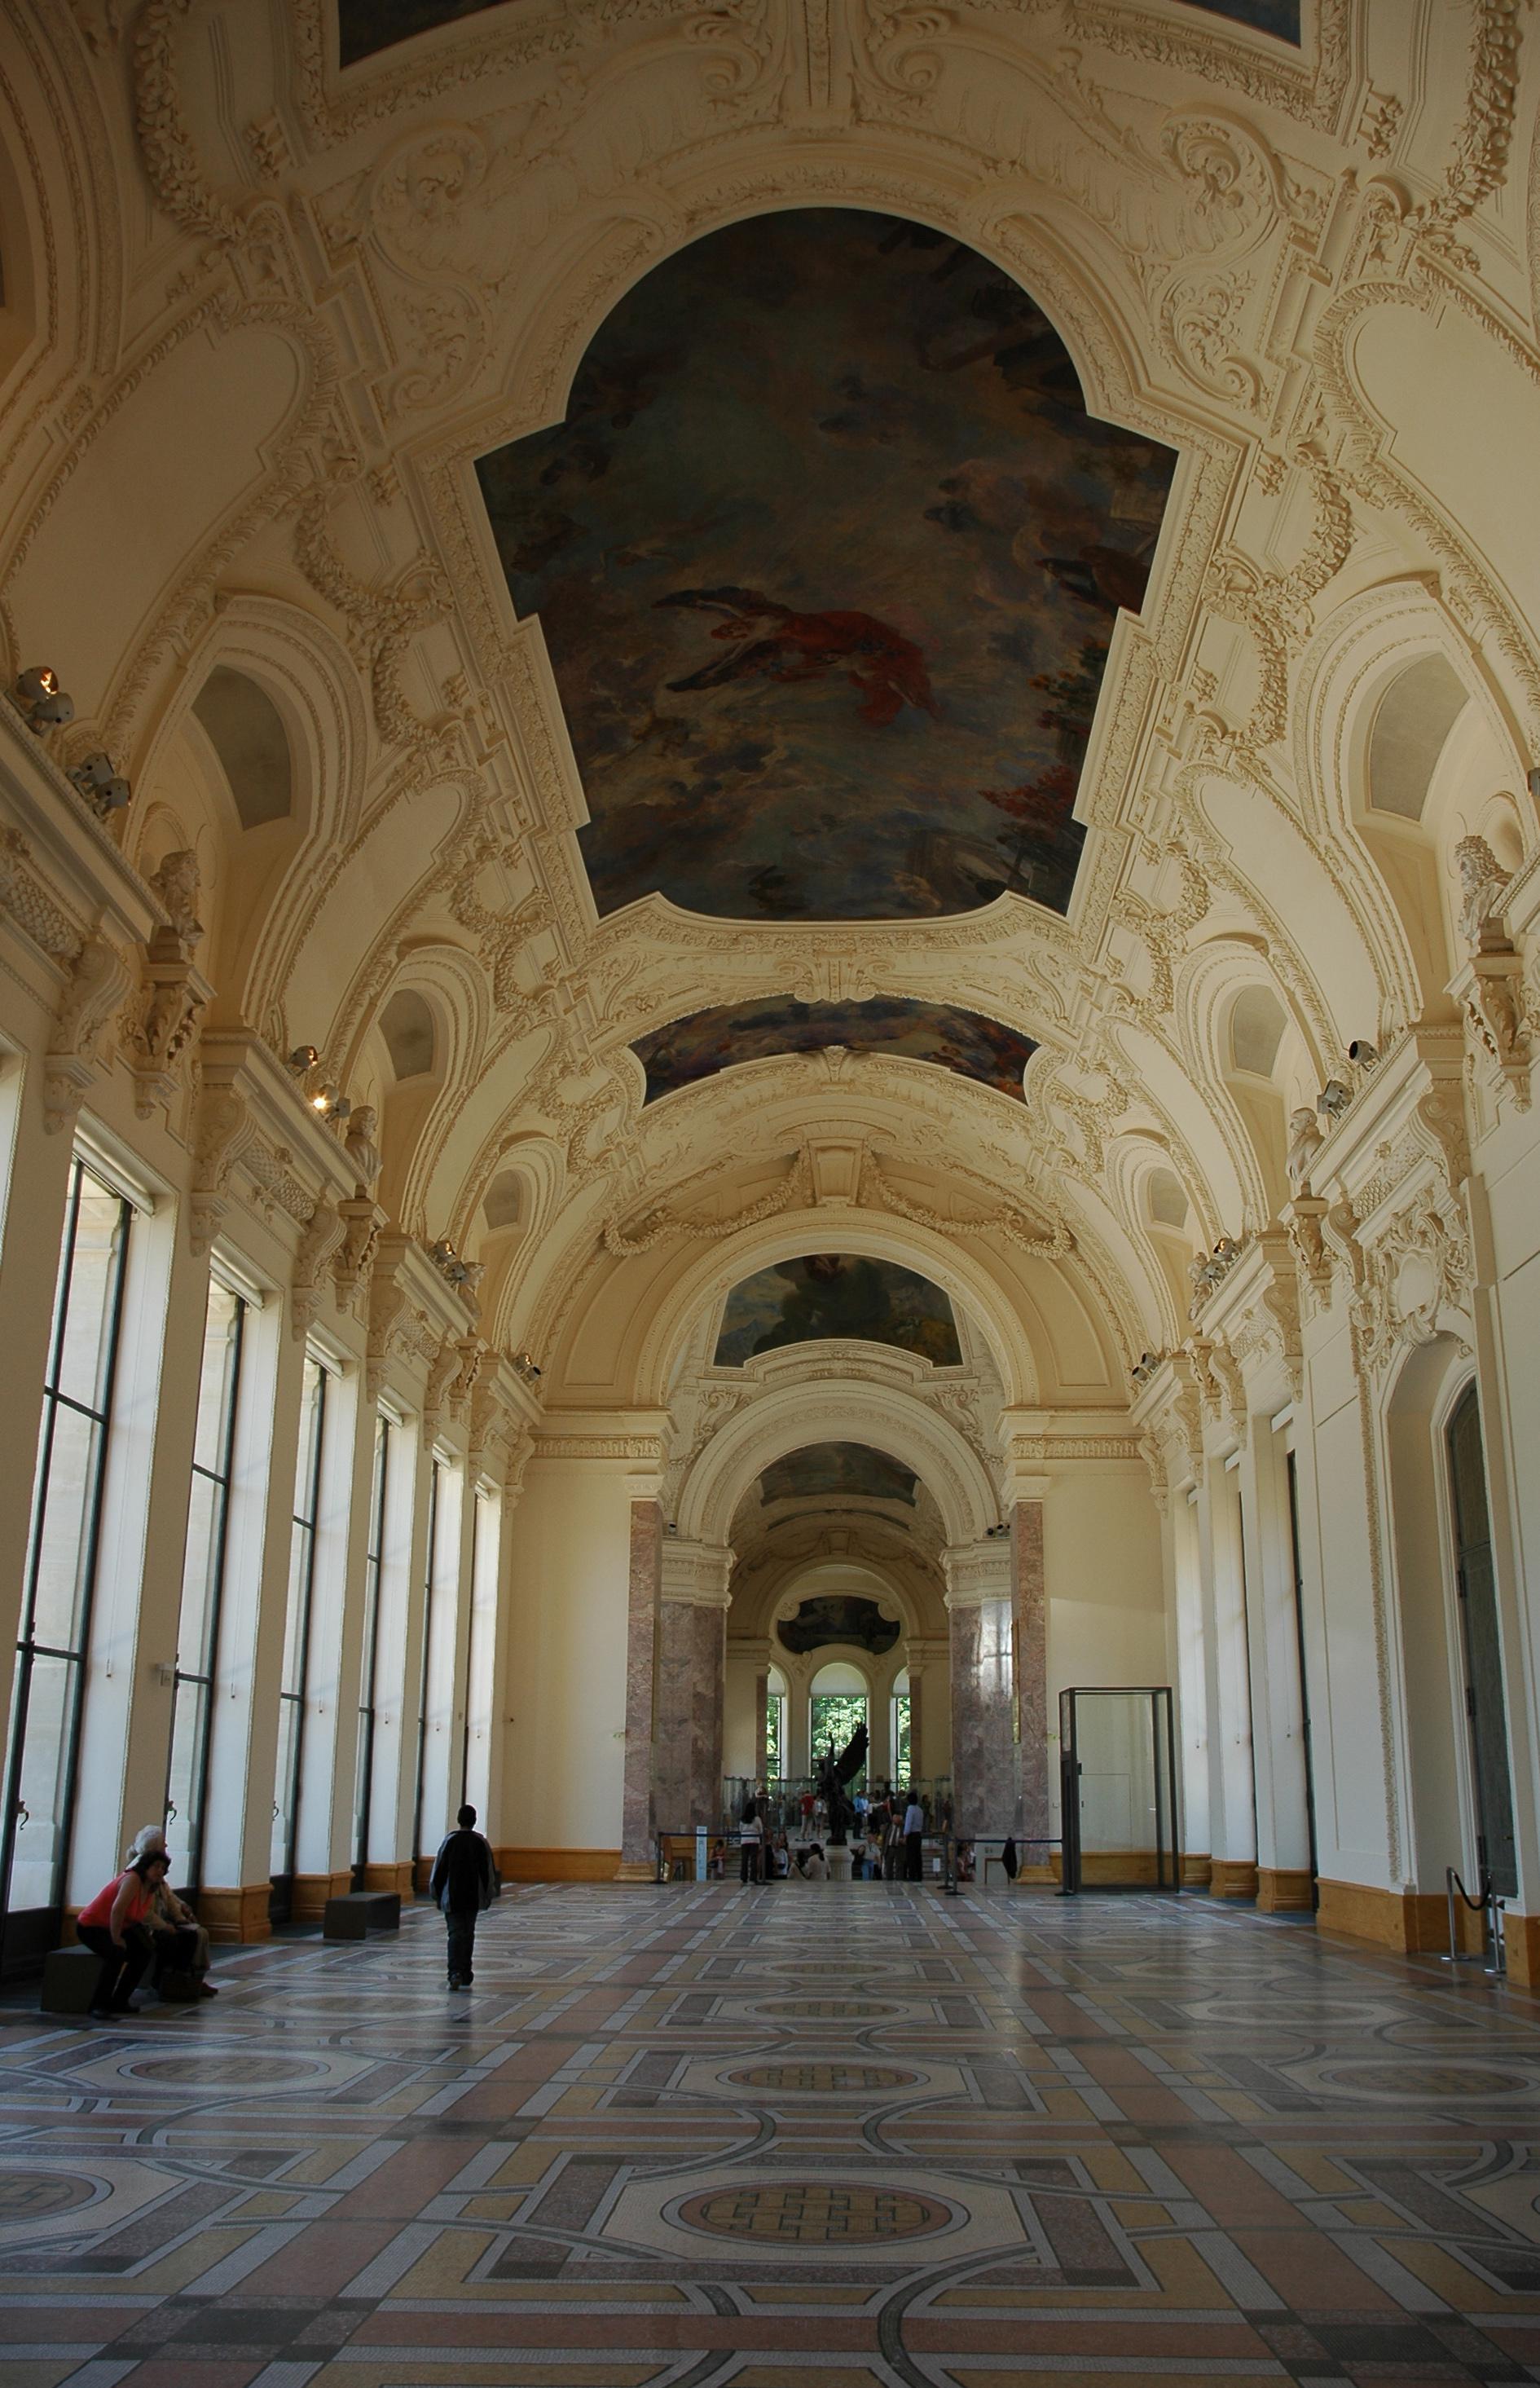 Musée du Petit Palais de Paris - Palaisdes Beaux-Arts